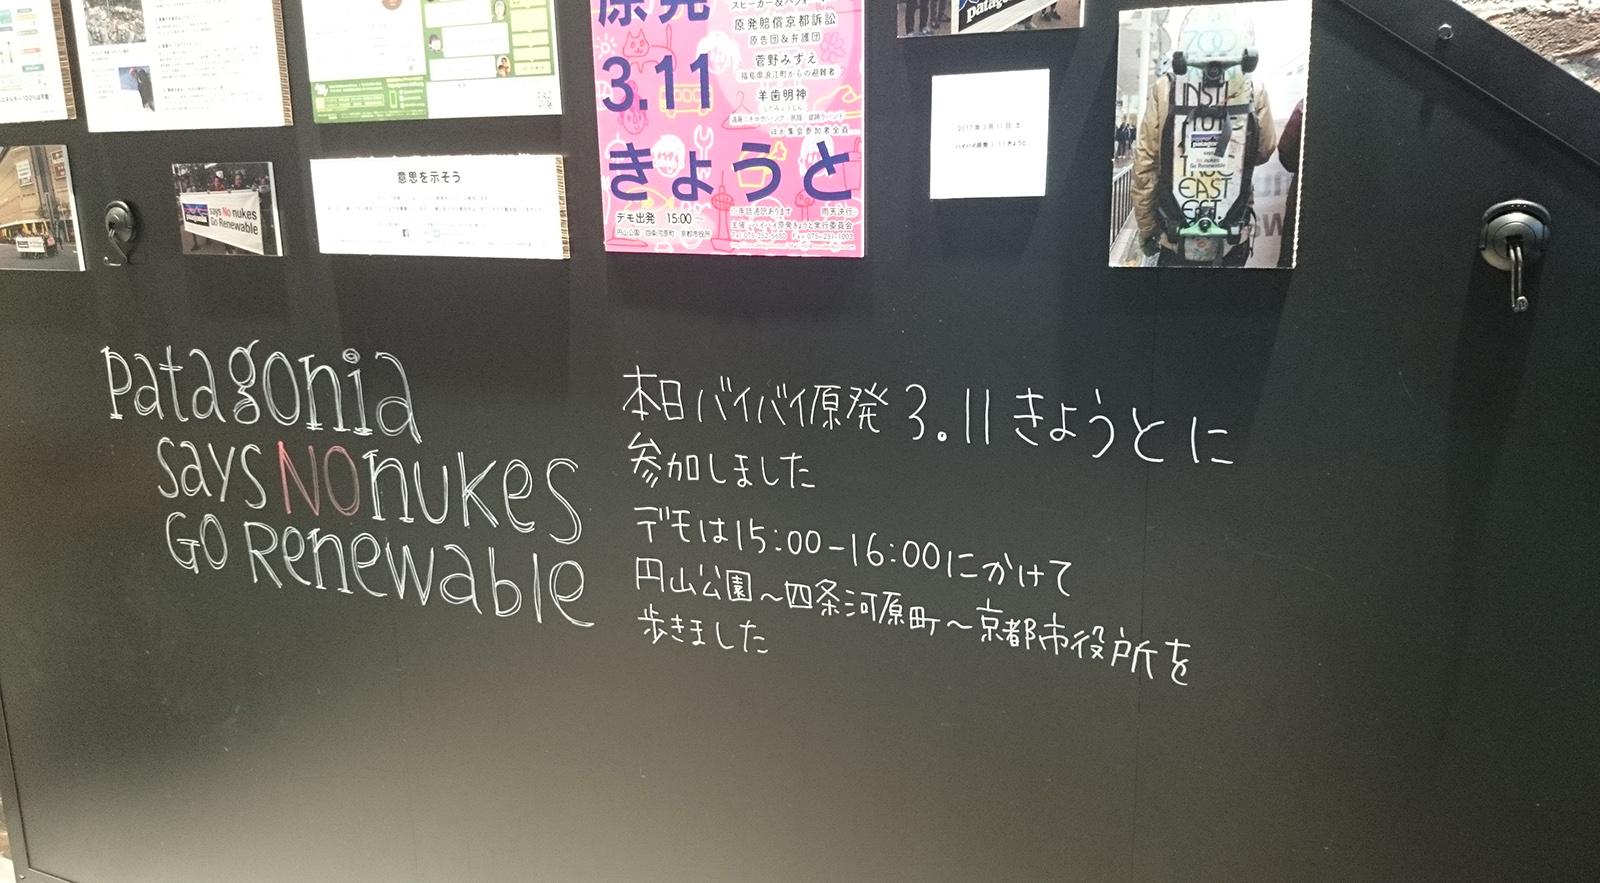 店内の環境展示で、デモ参加を報告。 写真:パタゴニア 京都